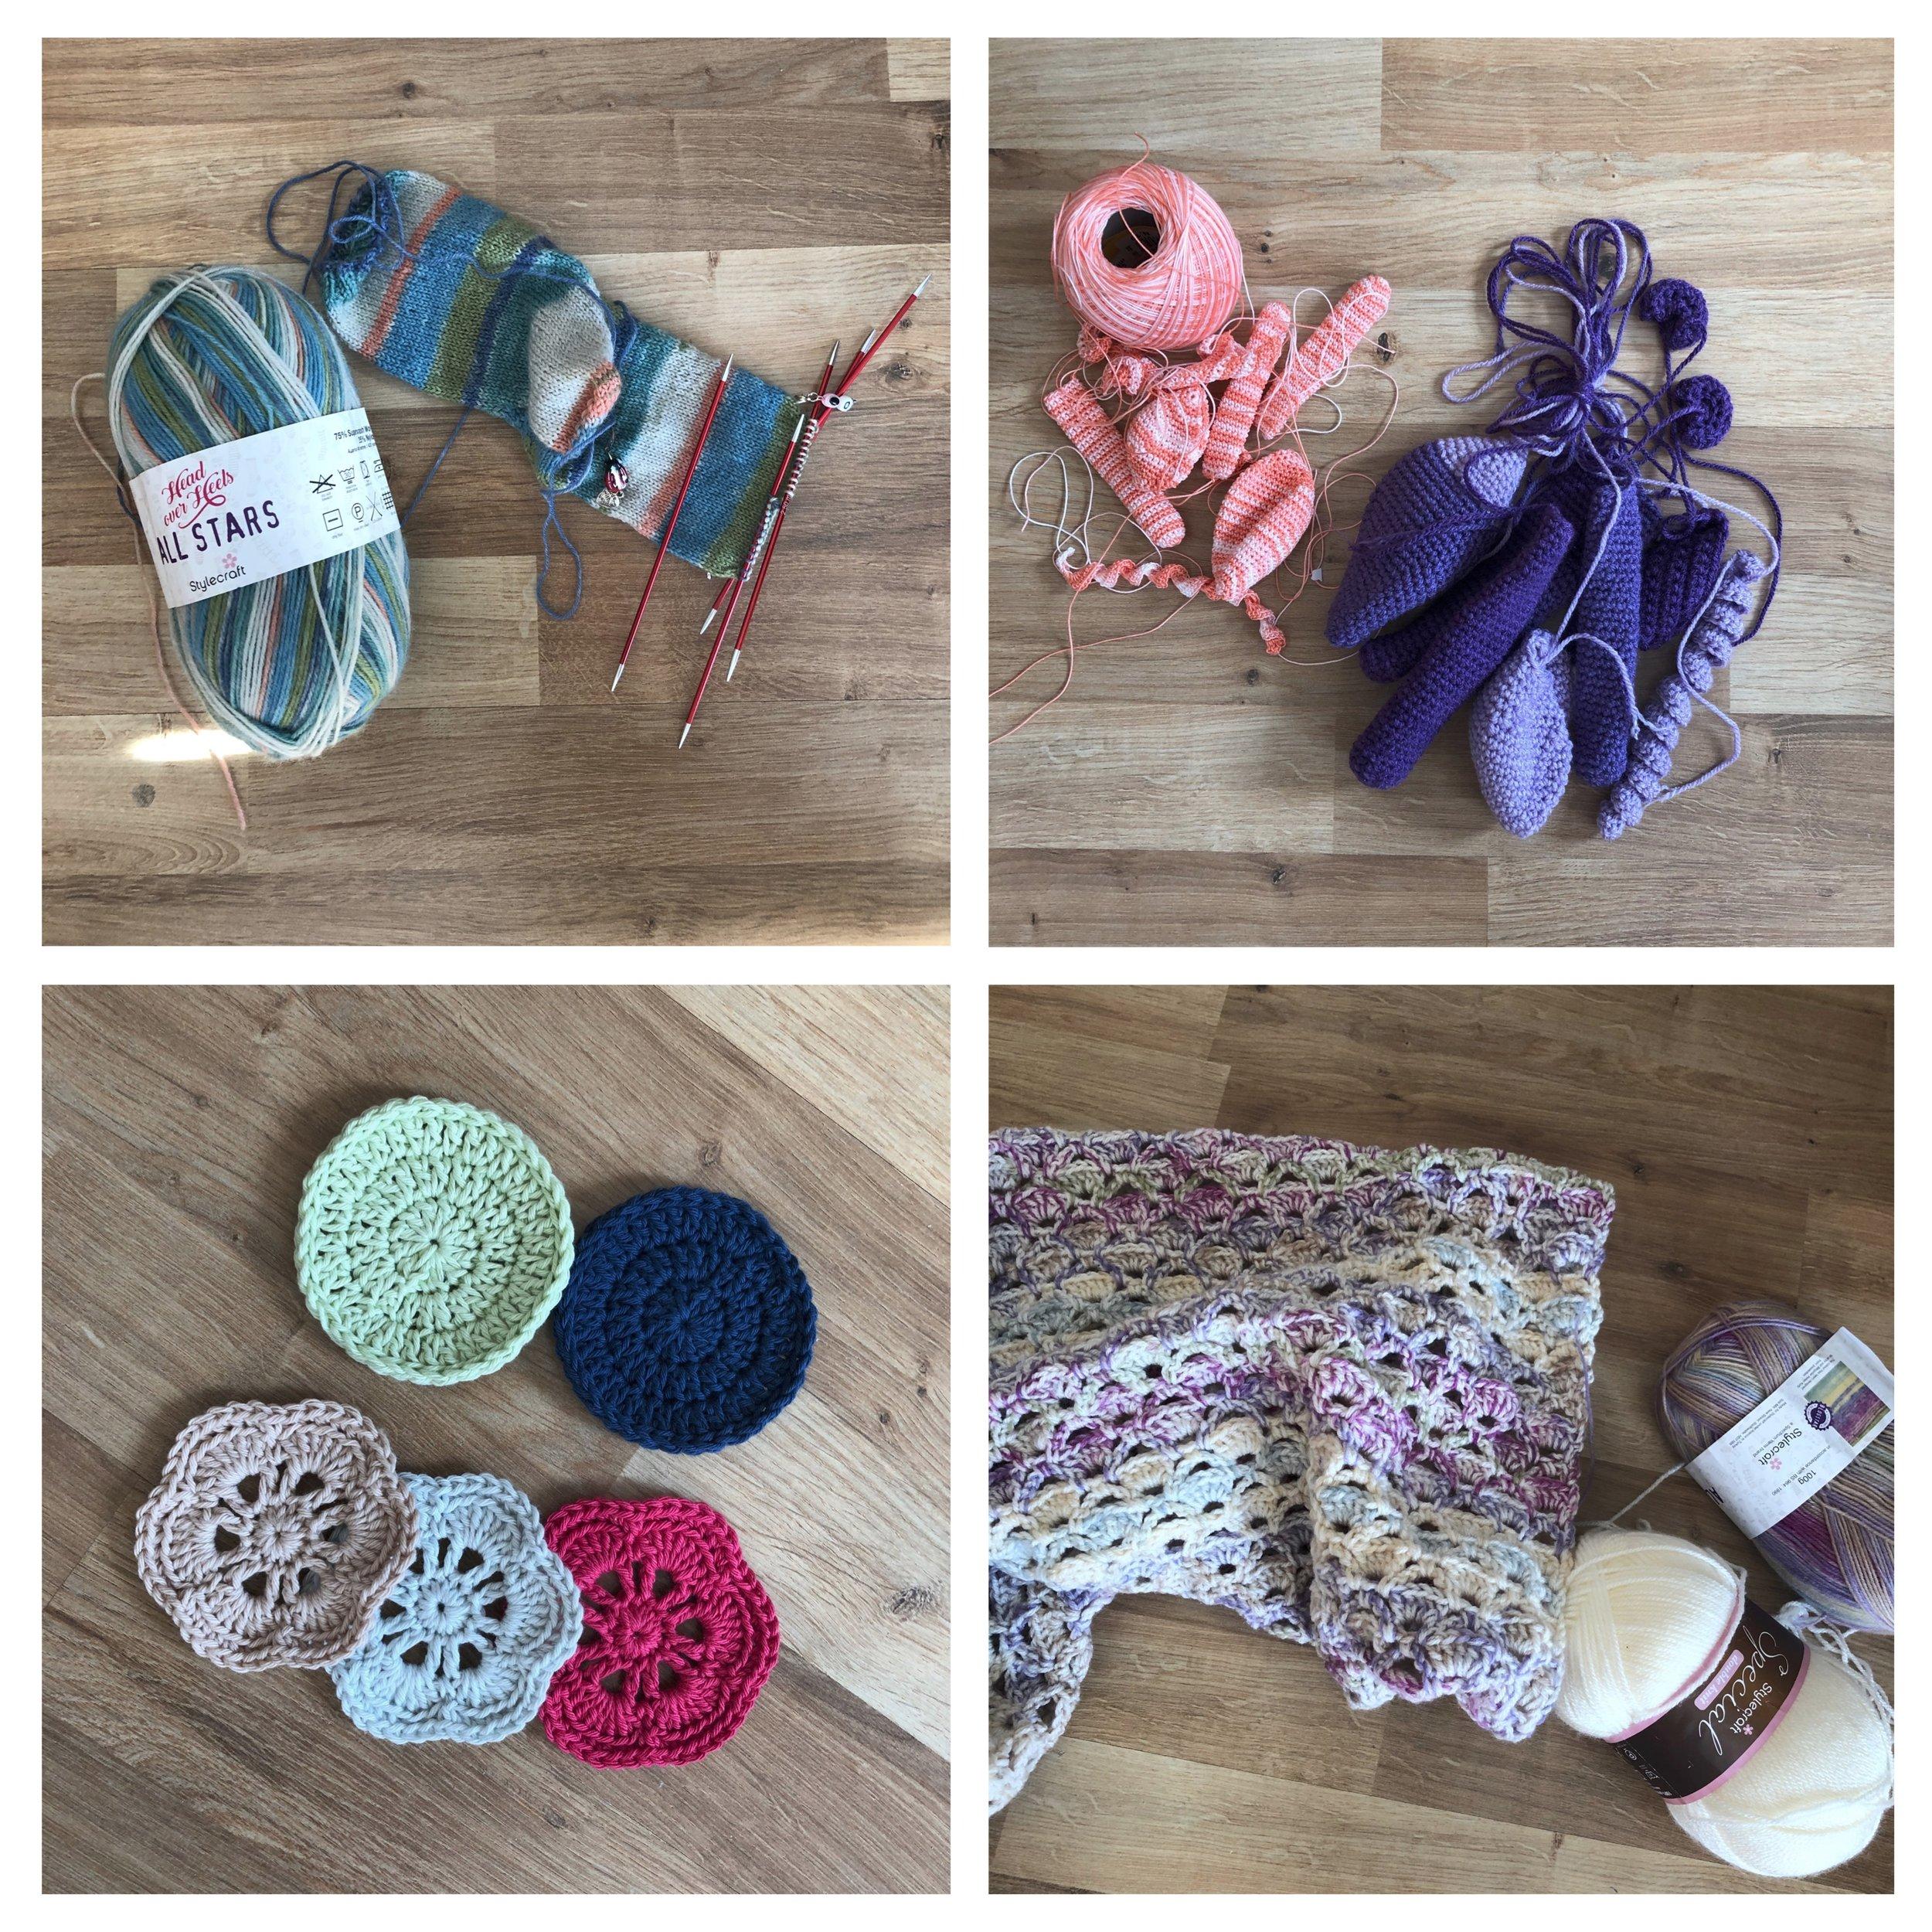 Socks, crochet monkey, face scrubbies, and new blanket pattern